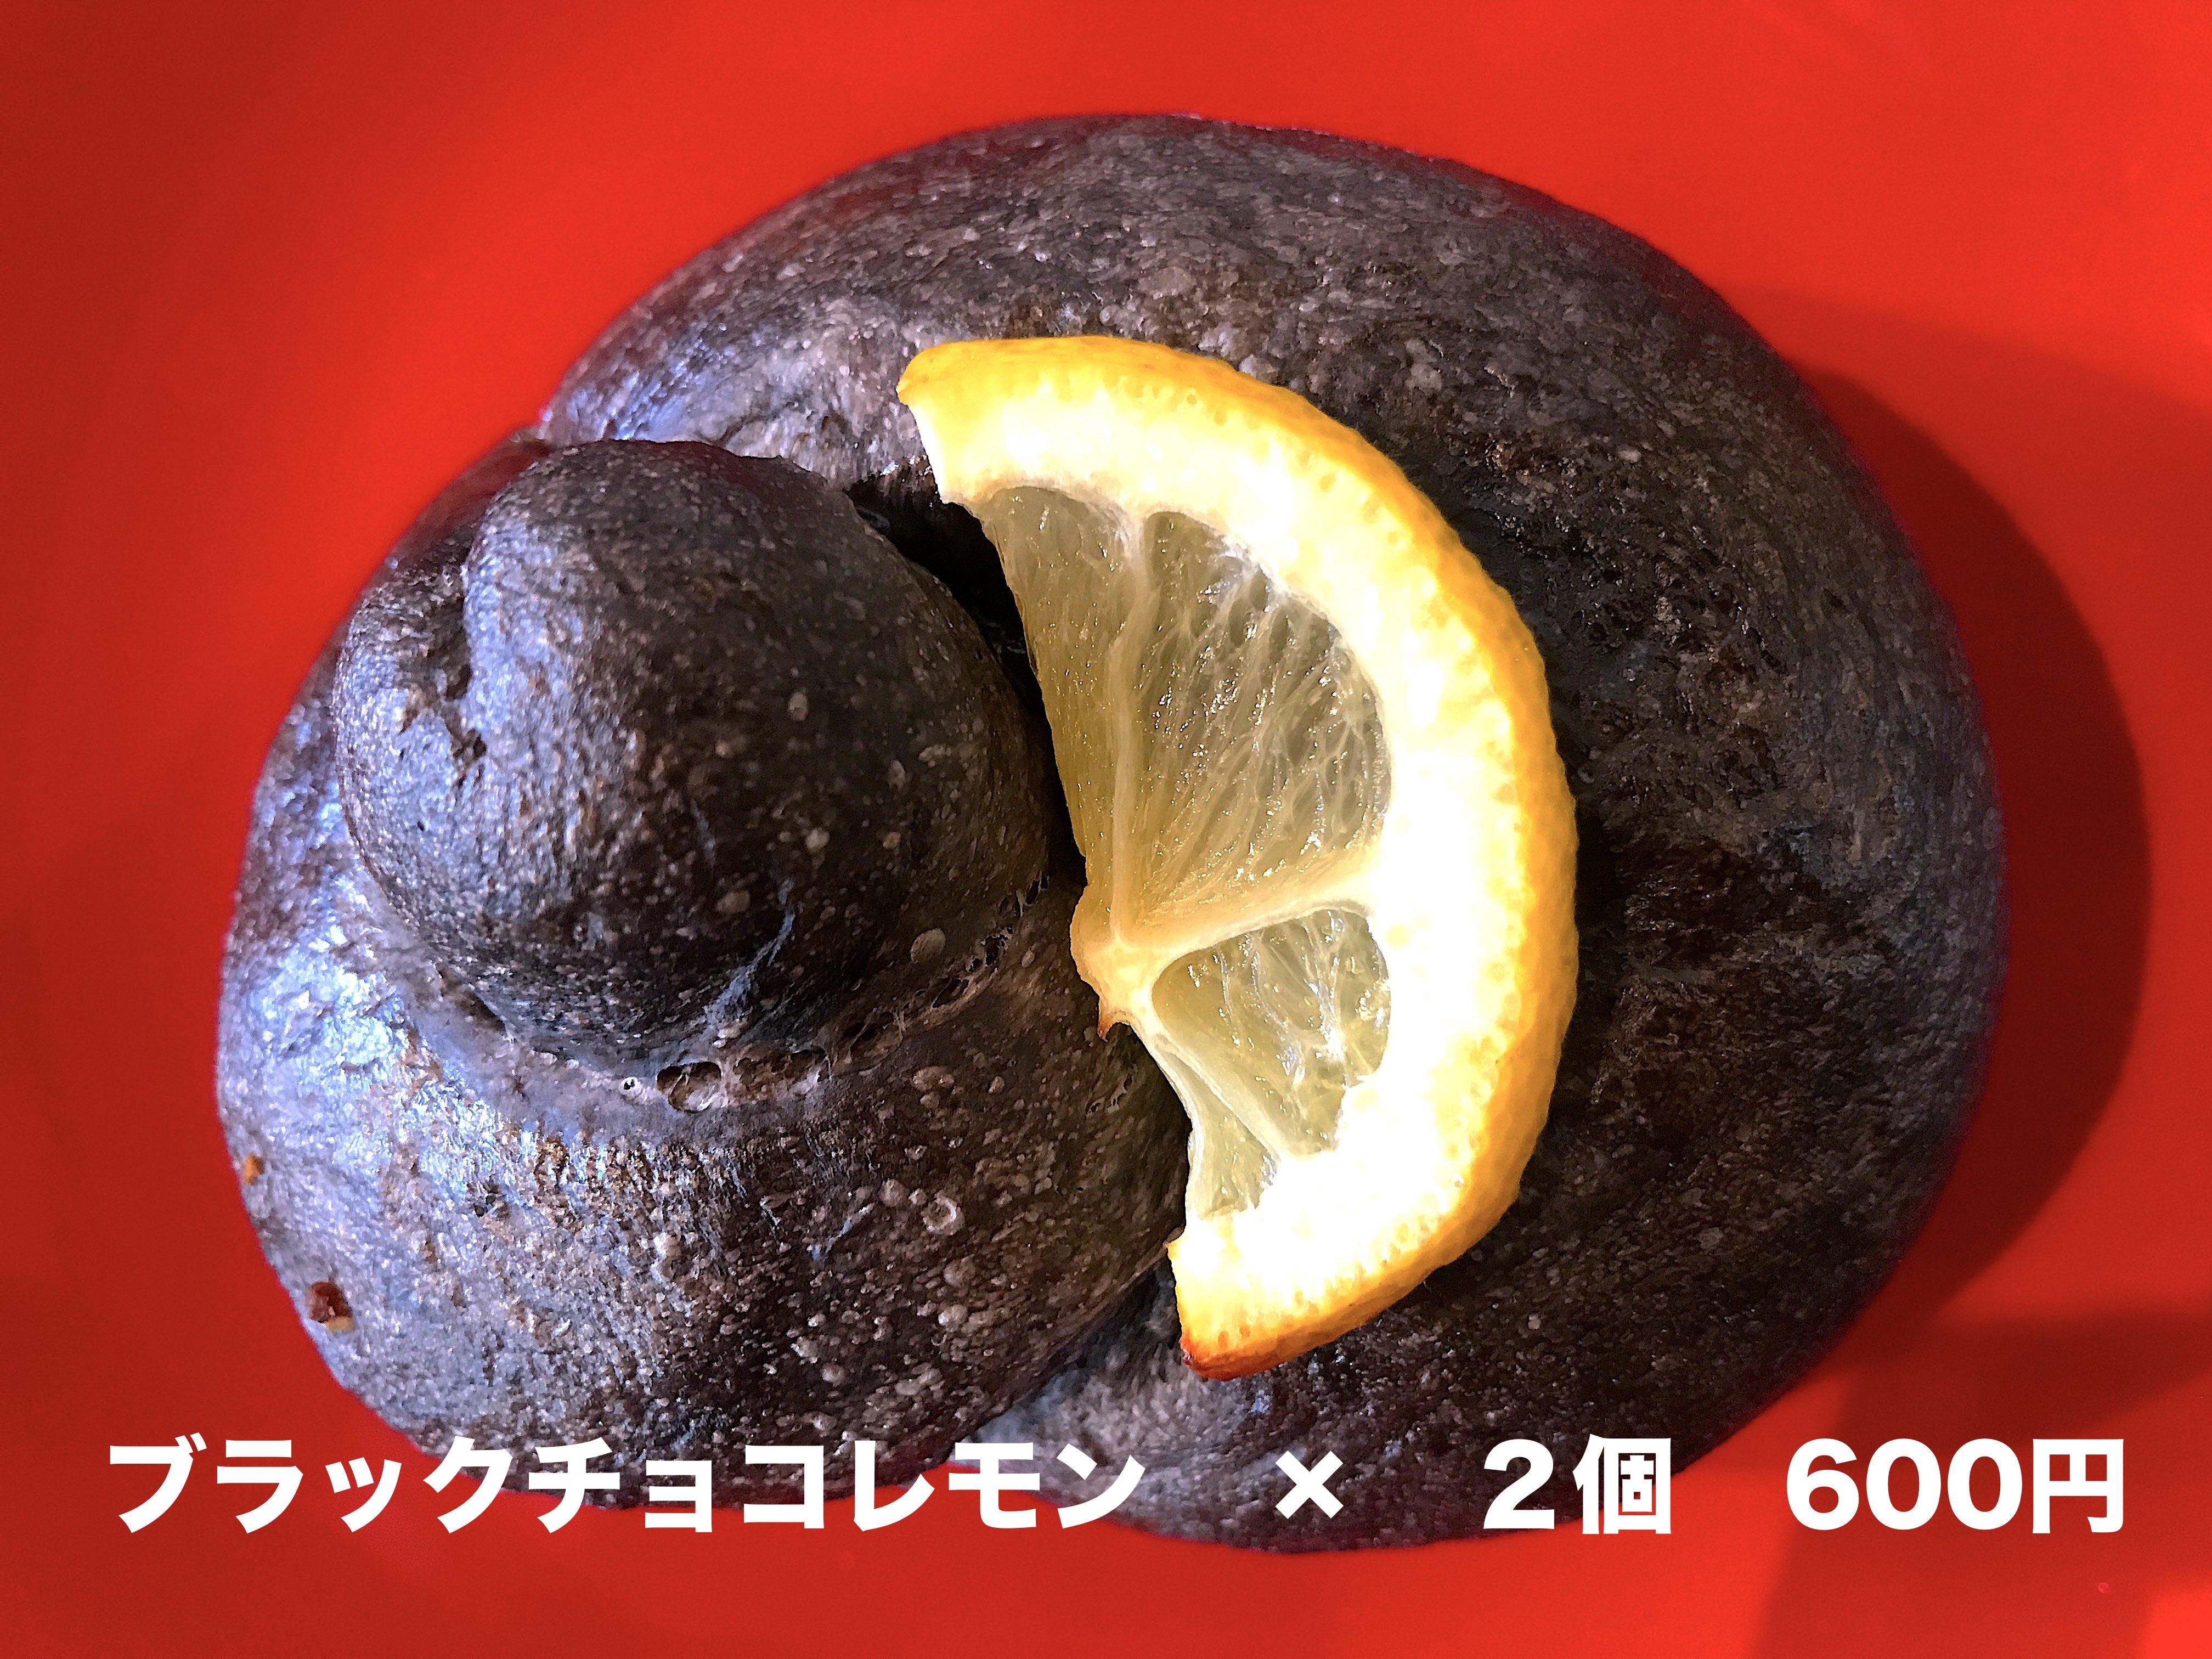 【6000円以上で送料無料】【焼きたて冷凍】単品ベーグル「ブラックチョコレモン×2個」